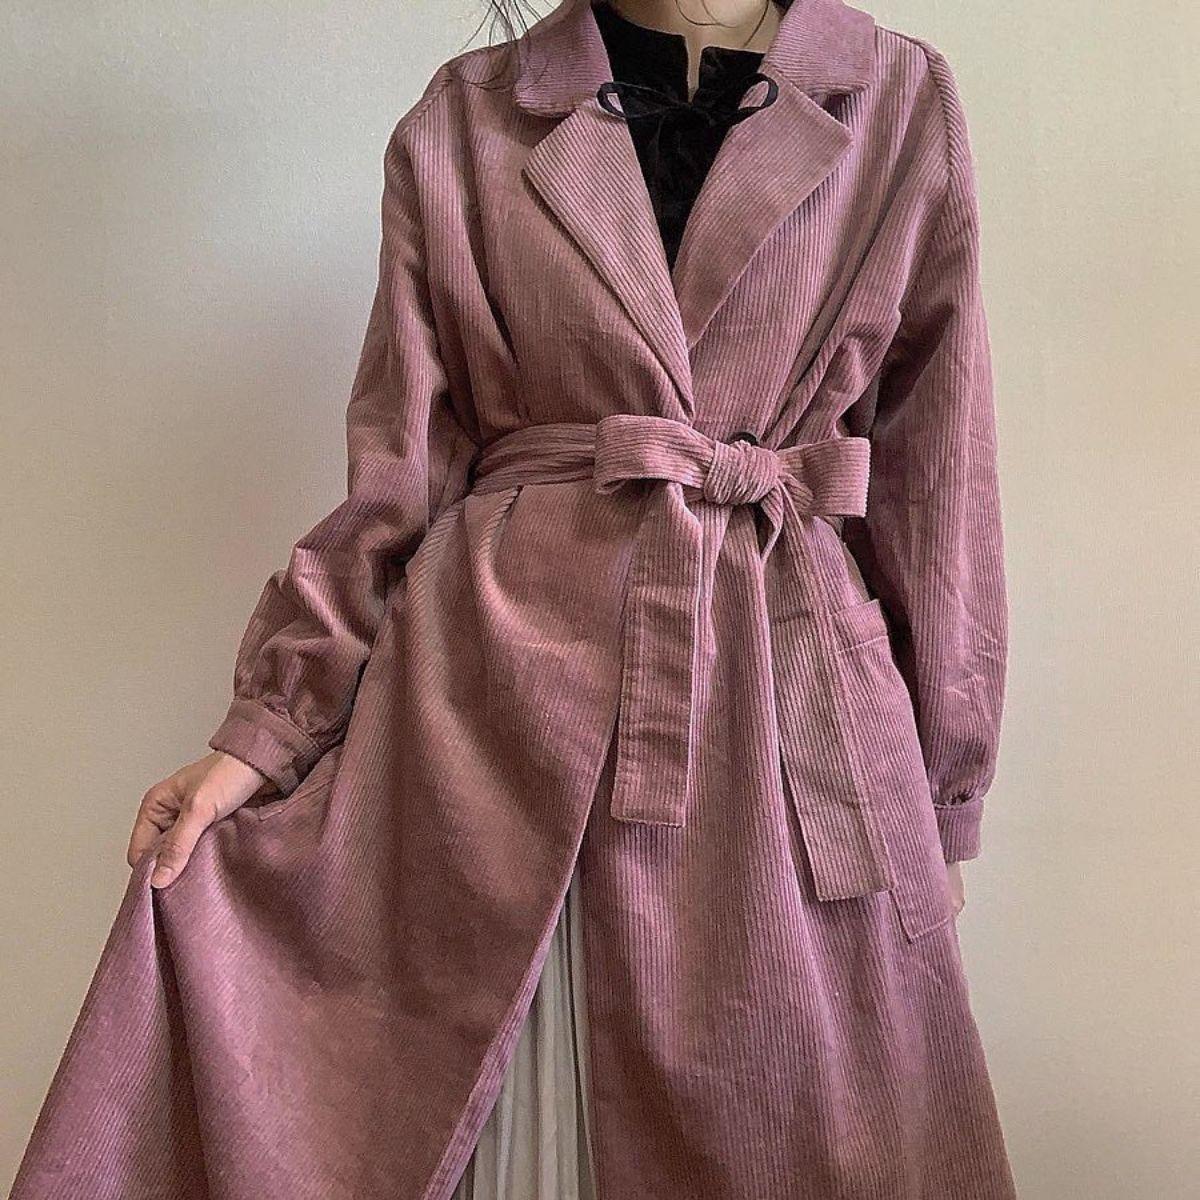 コーデュロイはジャケットだけだと思ってない?「ロングコート」型のアウターが今までにないかわいさでした♡